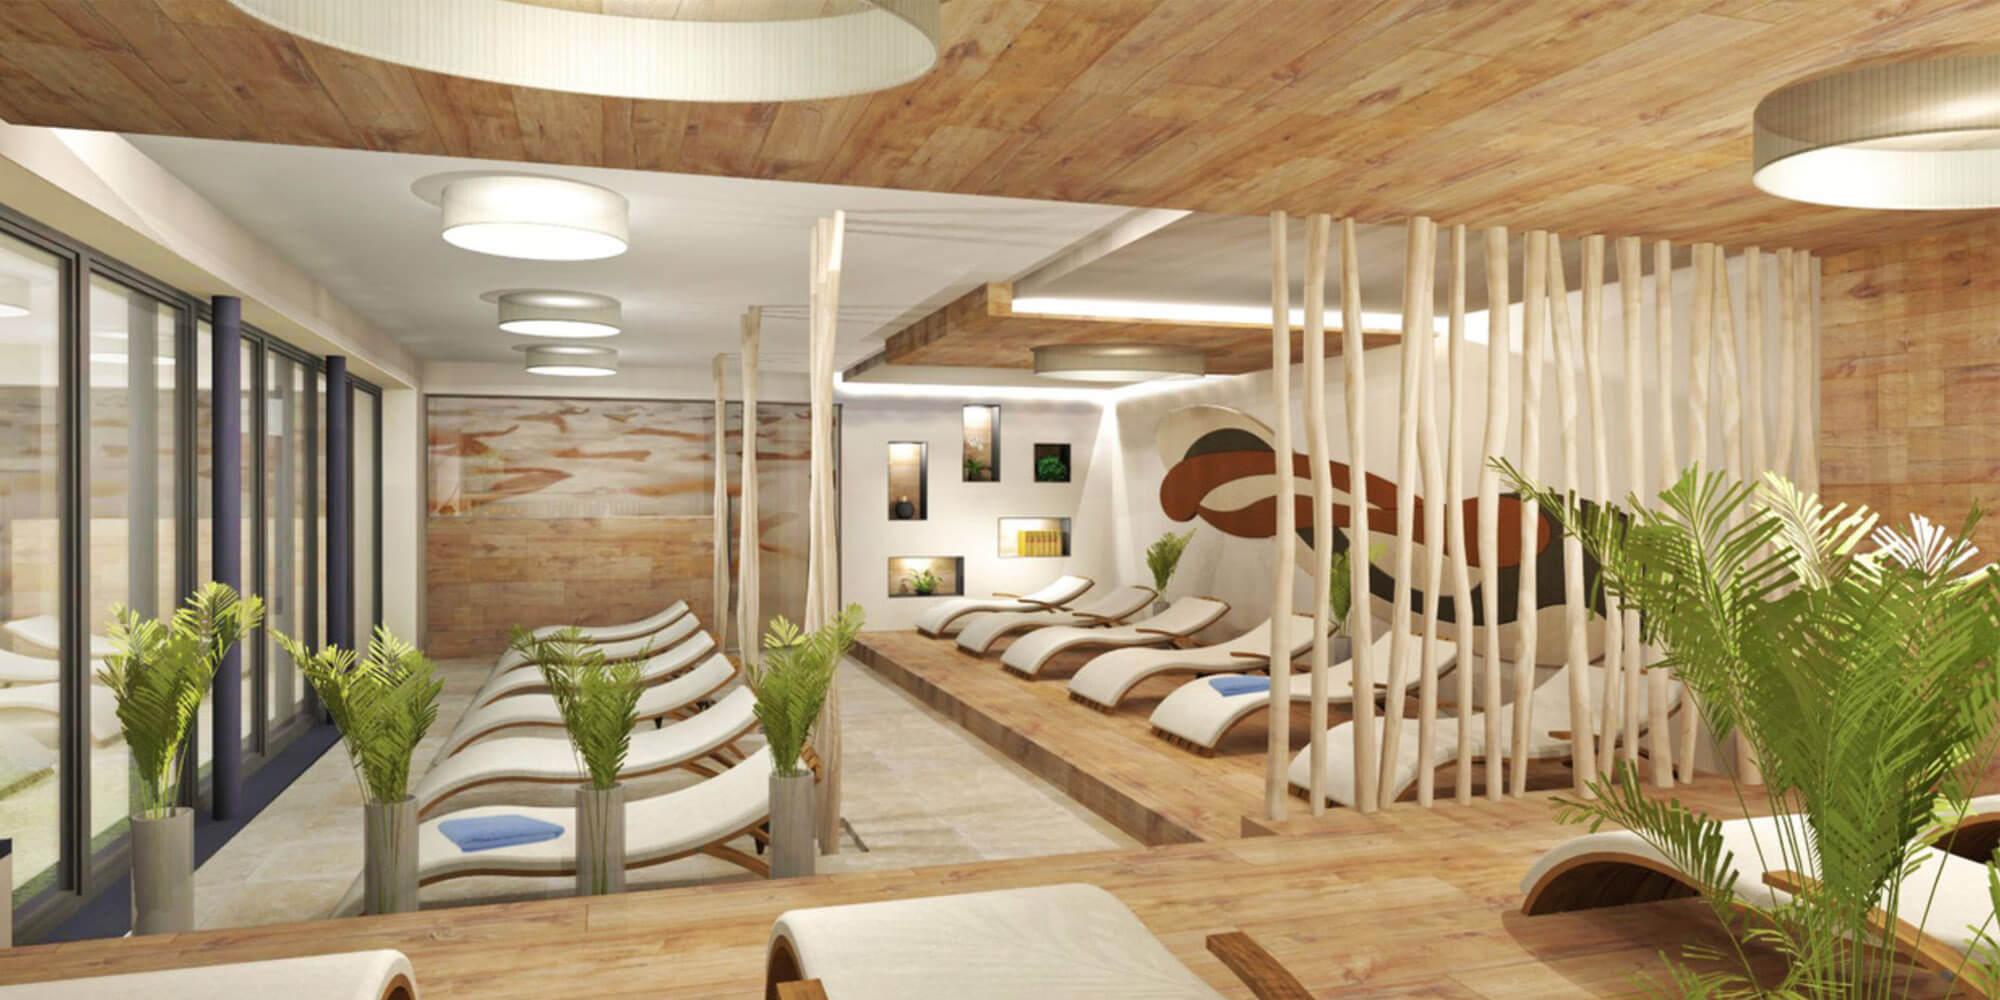 Crea-Plan-Design-Rauch-Frühmann-Architektur-Innenarchitektur-Design-Projekt-Referenz-Hotelerie-Gastronomie-Hotel-Sporthotel-Zaton-Ruheraum-1